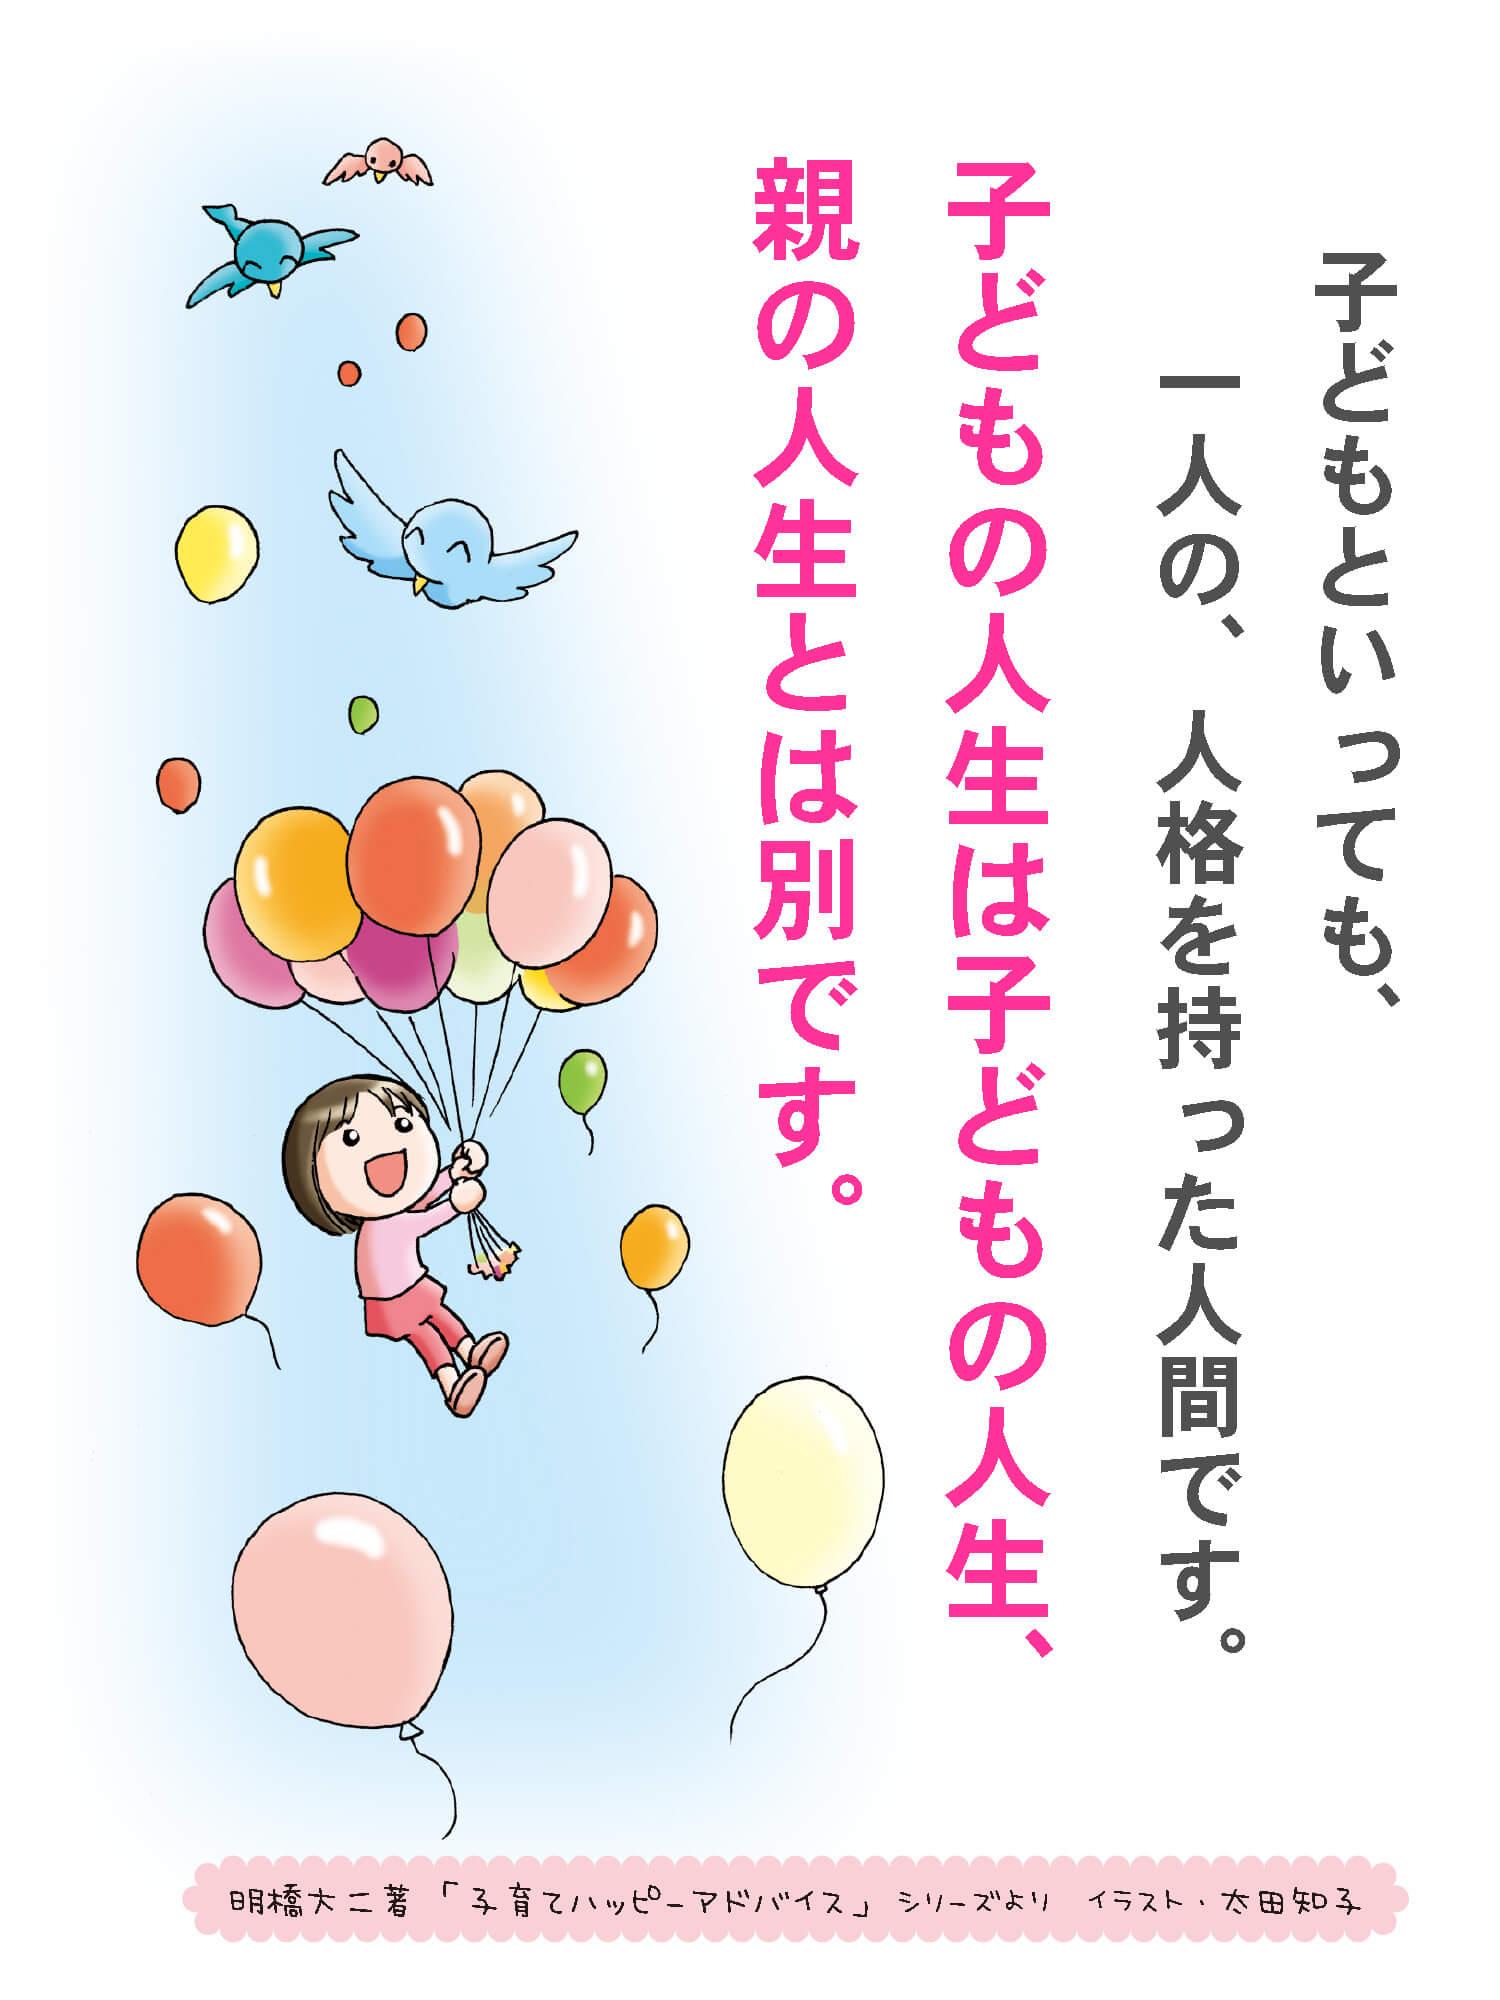 2月27日子育てハッピーメッセージの画像1